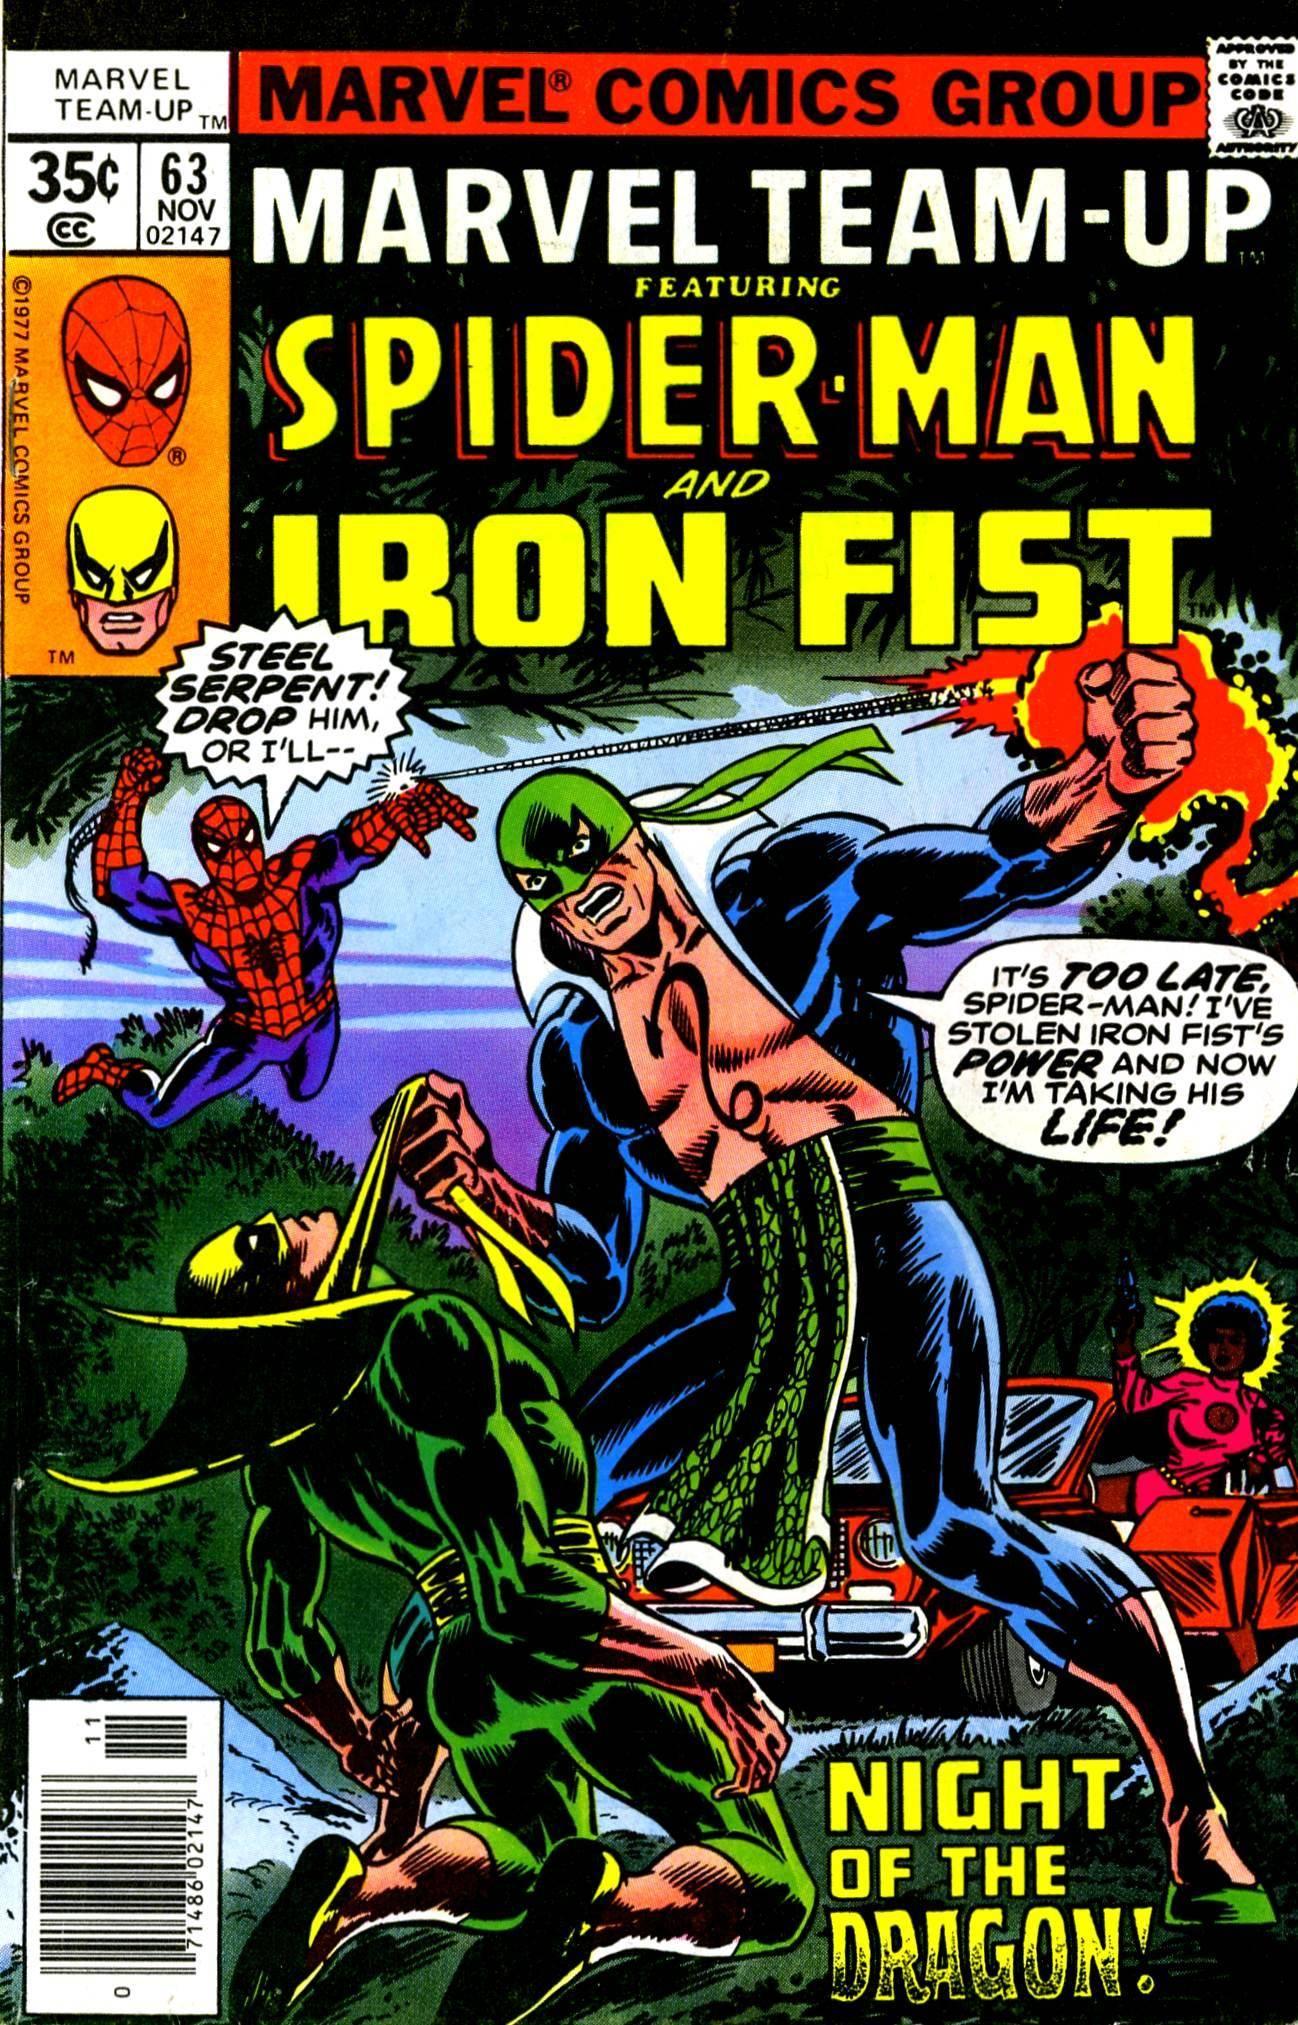 Marvel Team-Up v1 063 1971